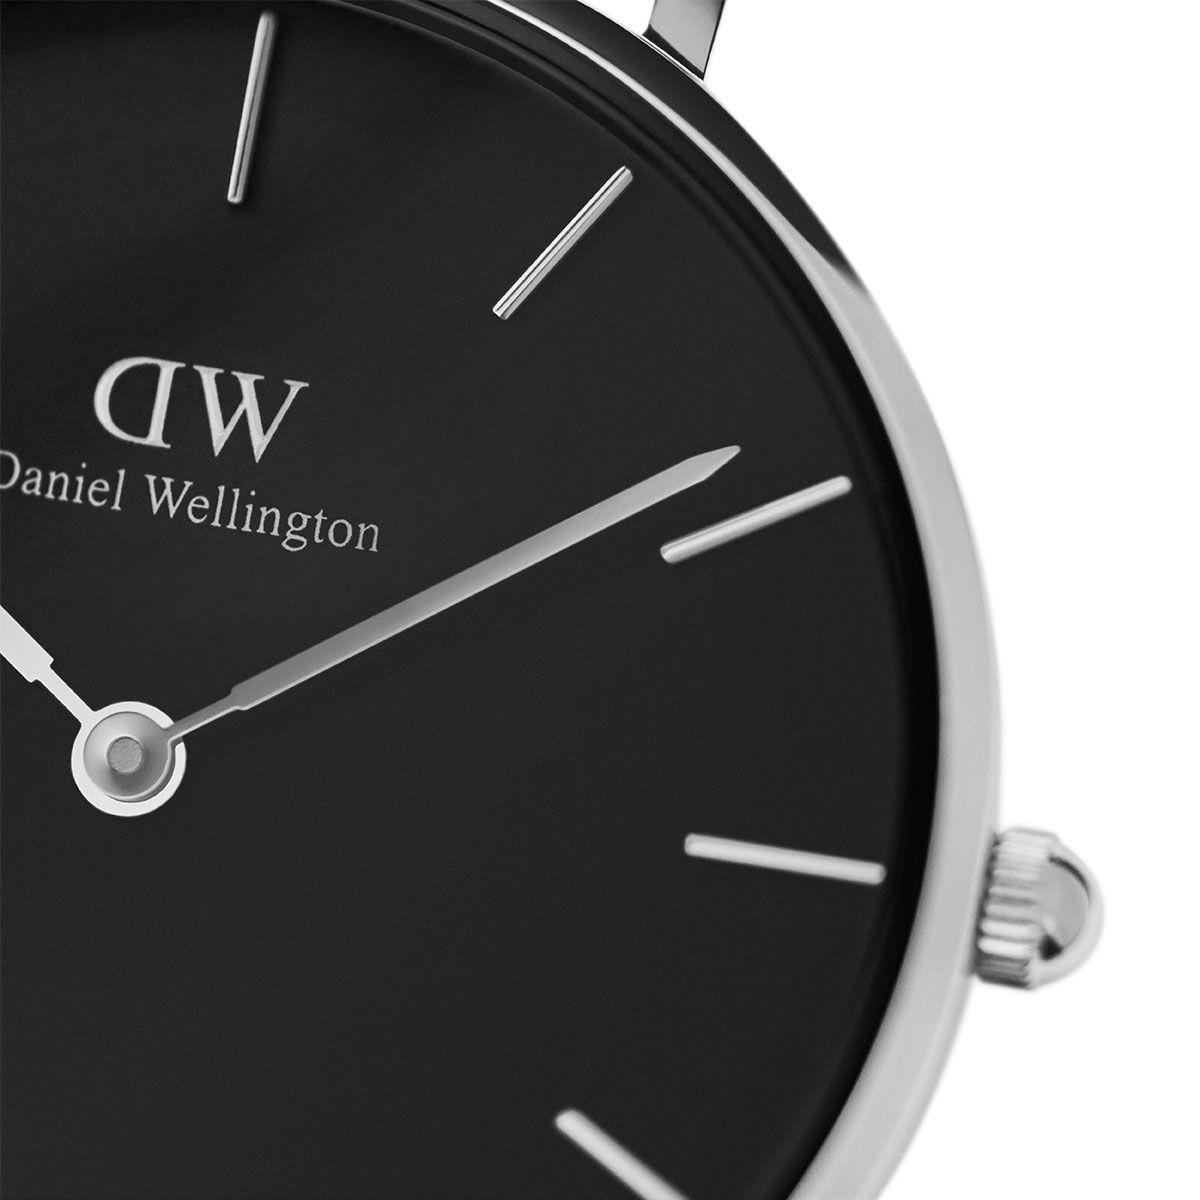 dw官网 dw手表官网 dw中国官网 dw官方旗舰店 DW DW官网  W Petite Sterling Silver 36mm